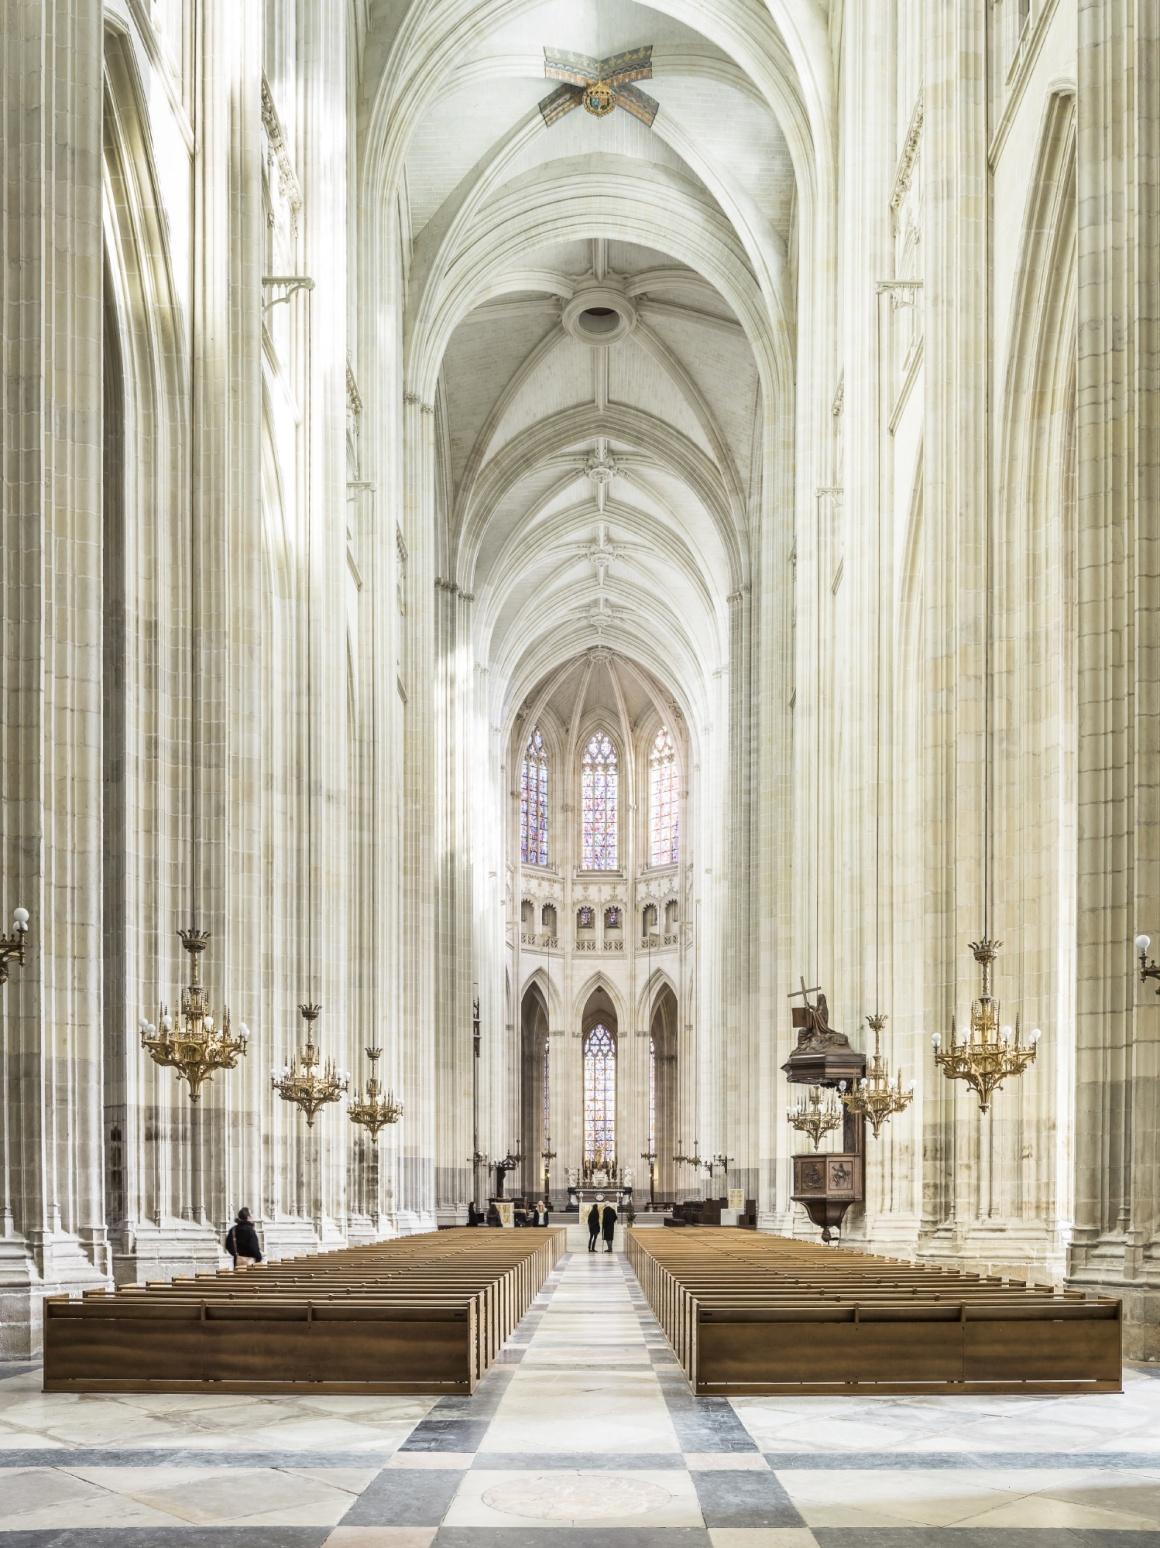 Cathédrale Saint-Pierre et Saint-Paul, Nantes